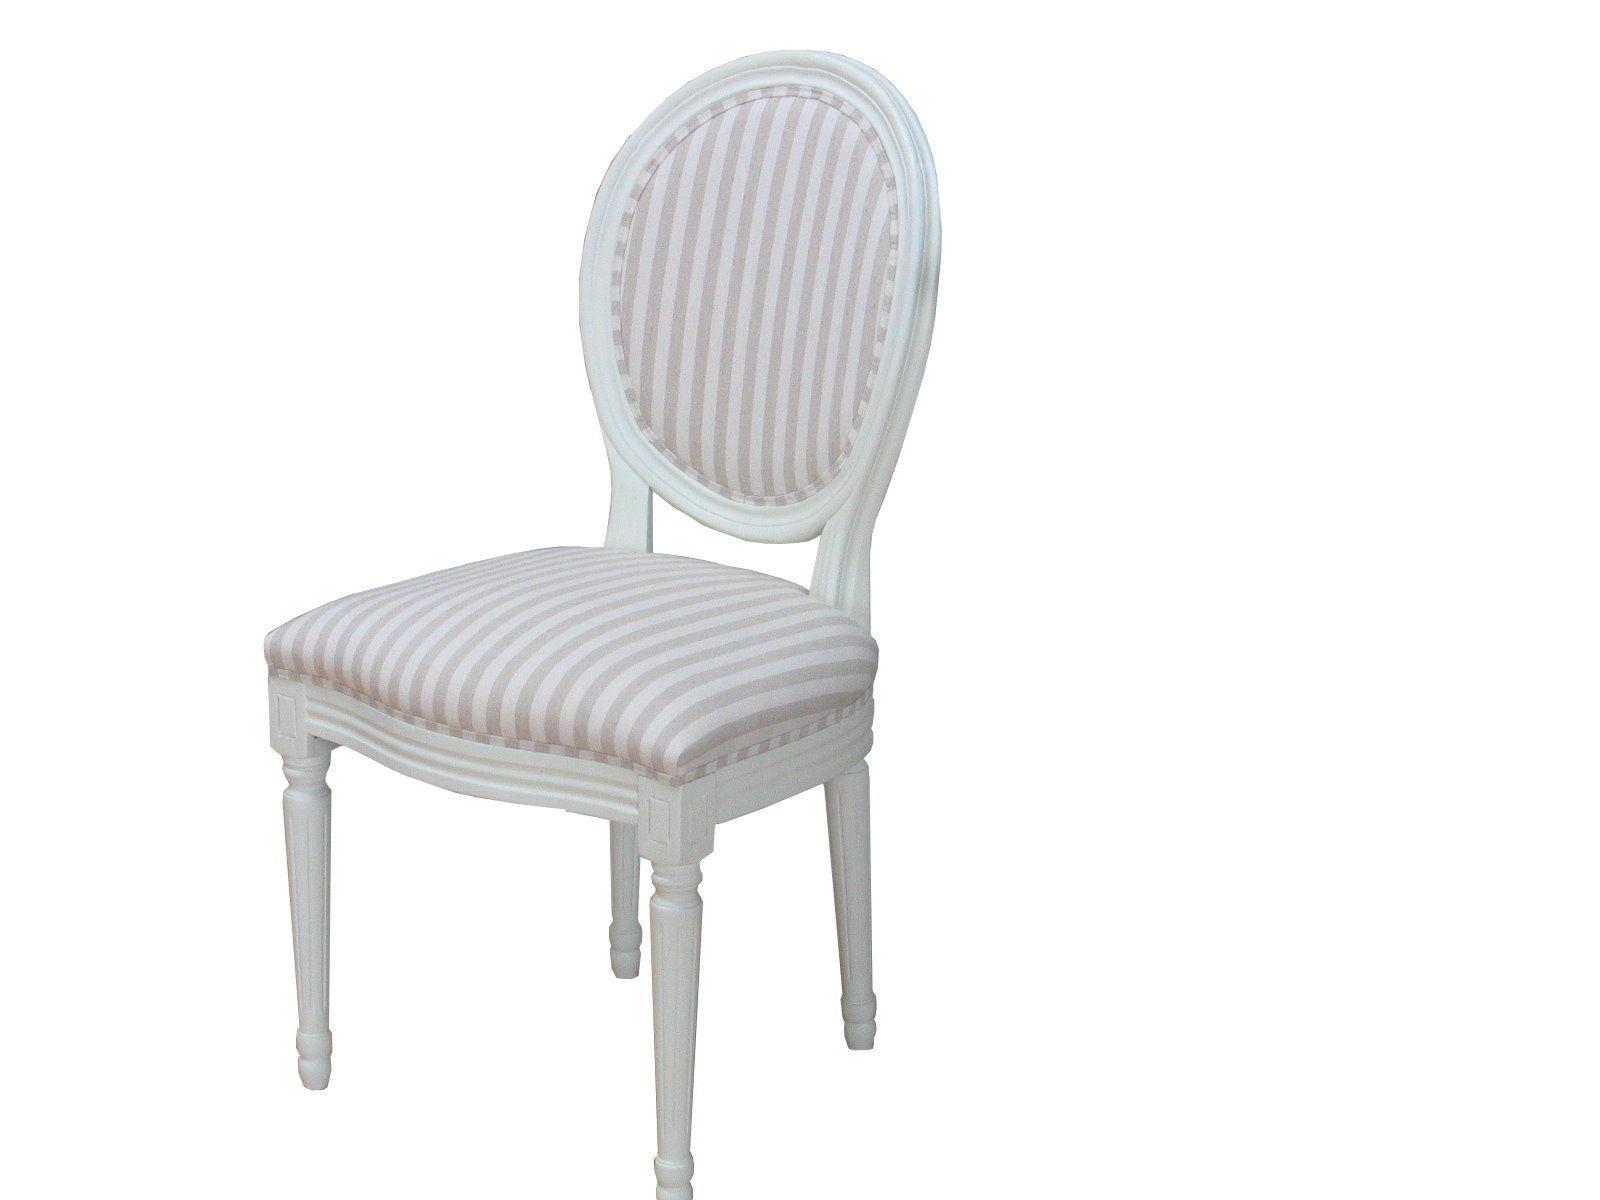 2 x esszimmerstuhl barock stuhl sitz ess gruppe sitzm bel massivholz wei 4250781452154 ebay. Black Bedroom Furniture Sets. Home Design Ideas